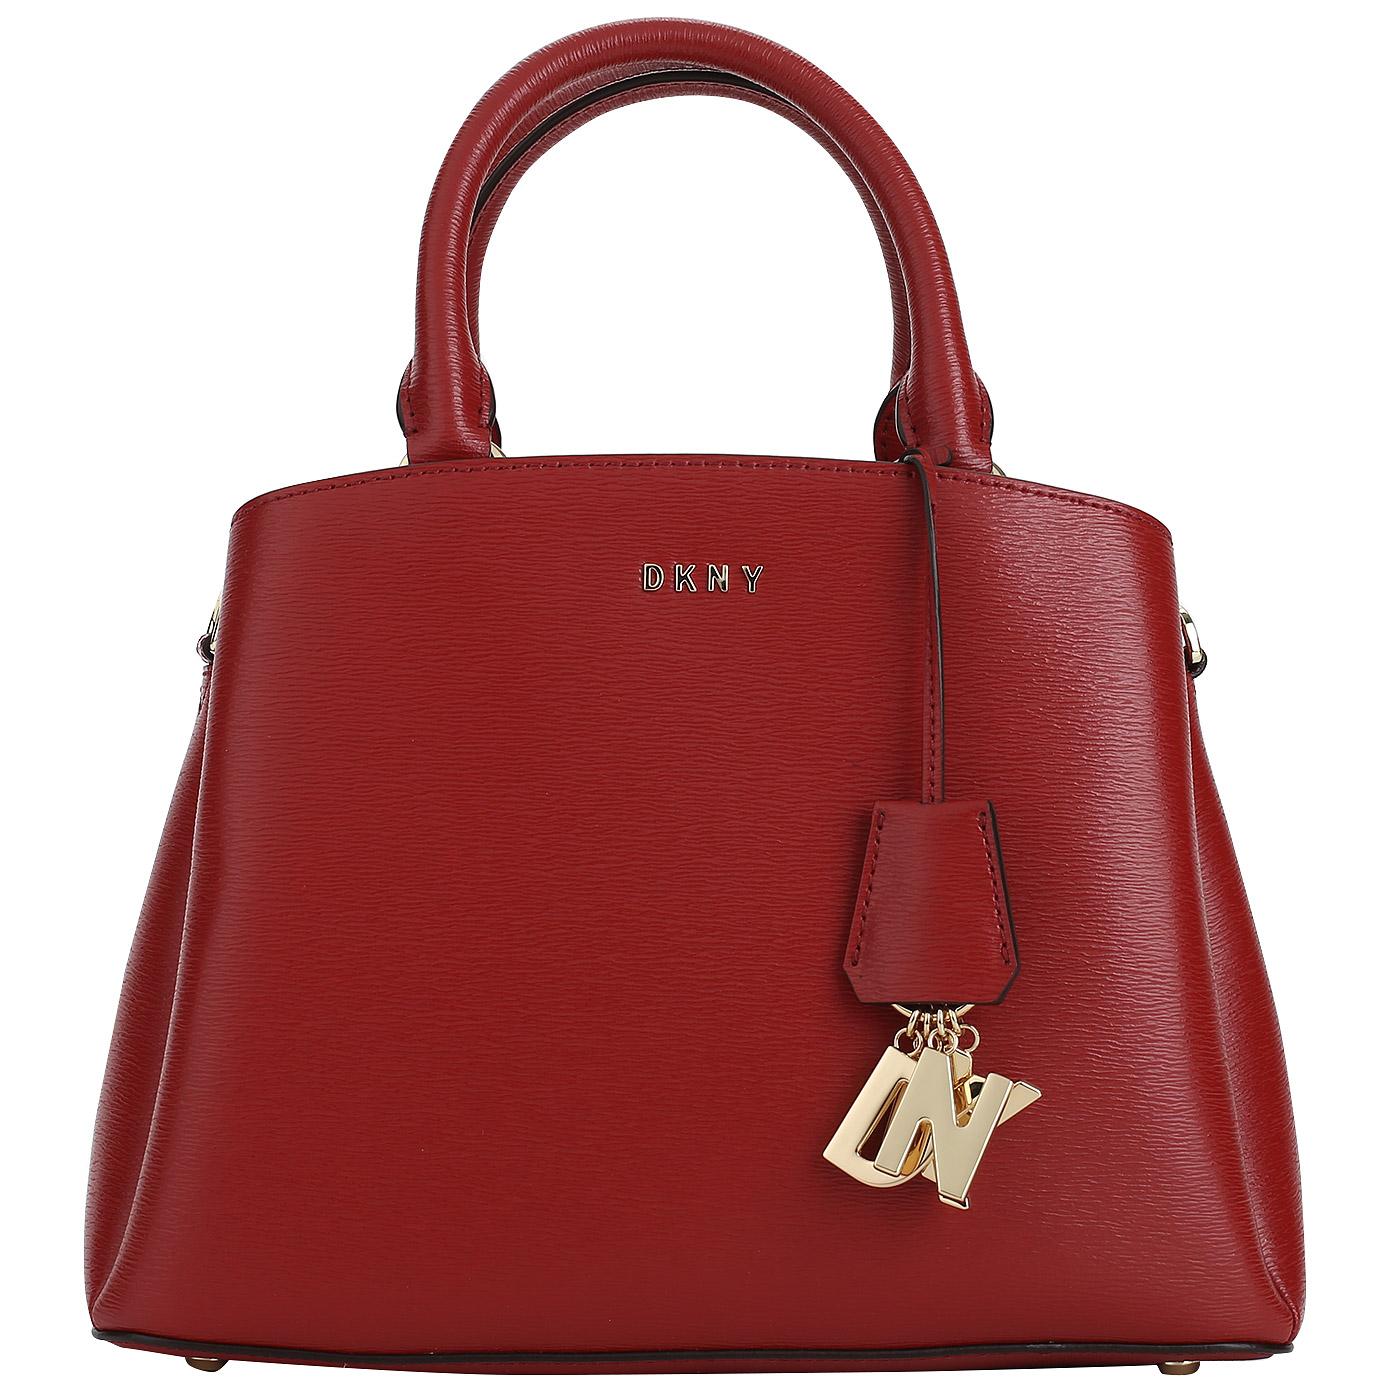 1b8e653c66e8 Красная кожаная сумка DKNY Paige Красная кожаная сумка DKNY Paige ...